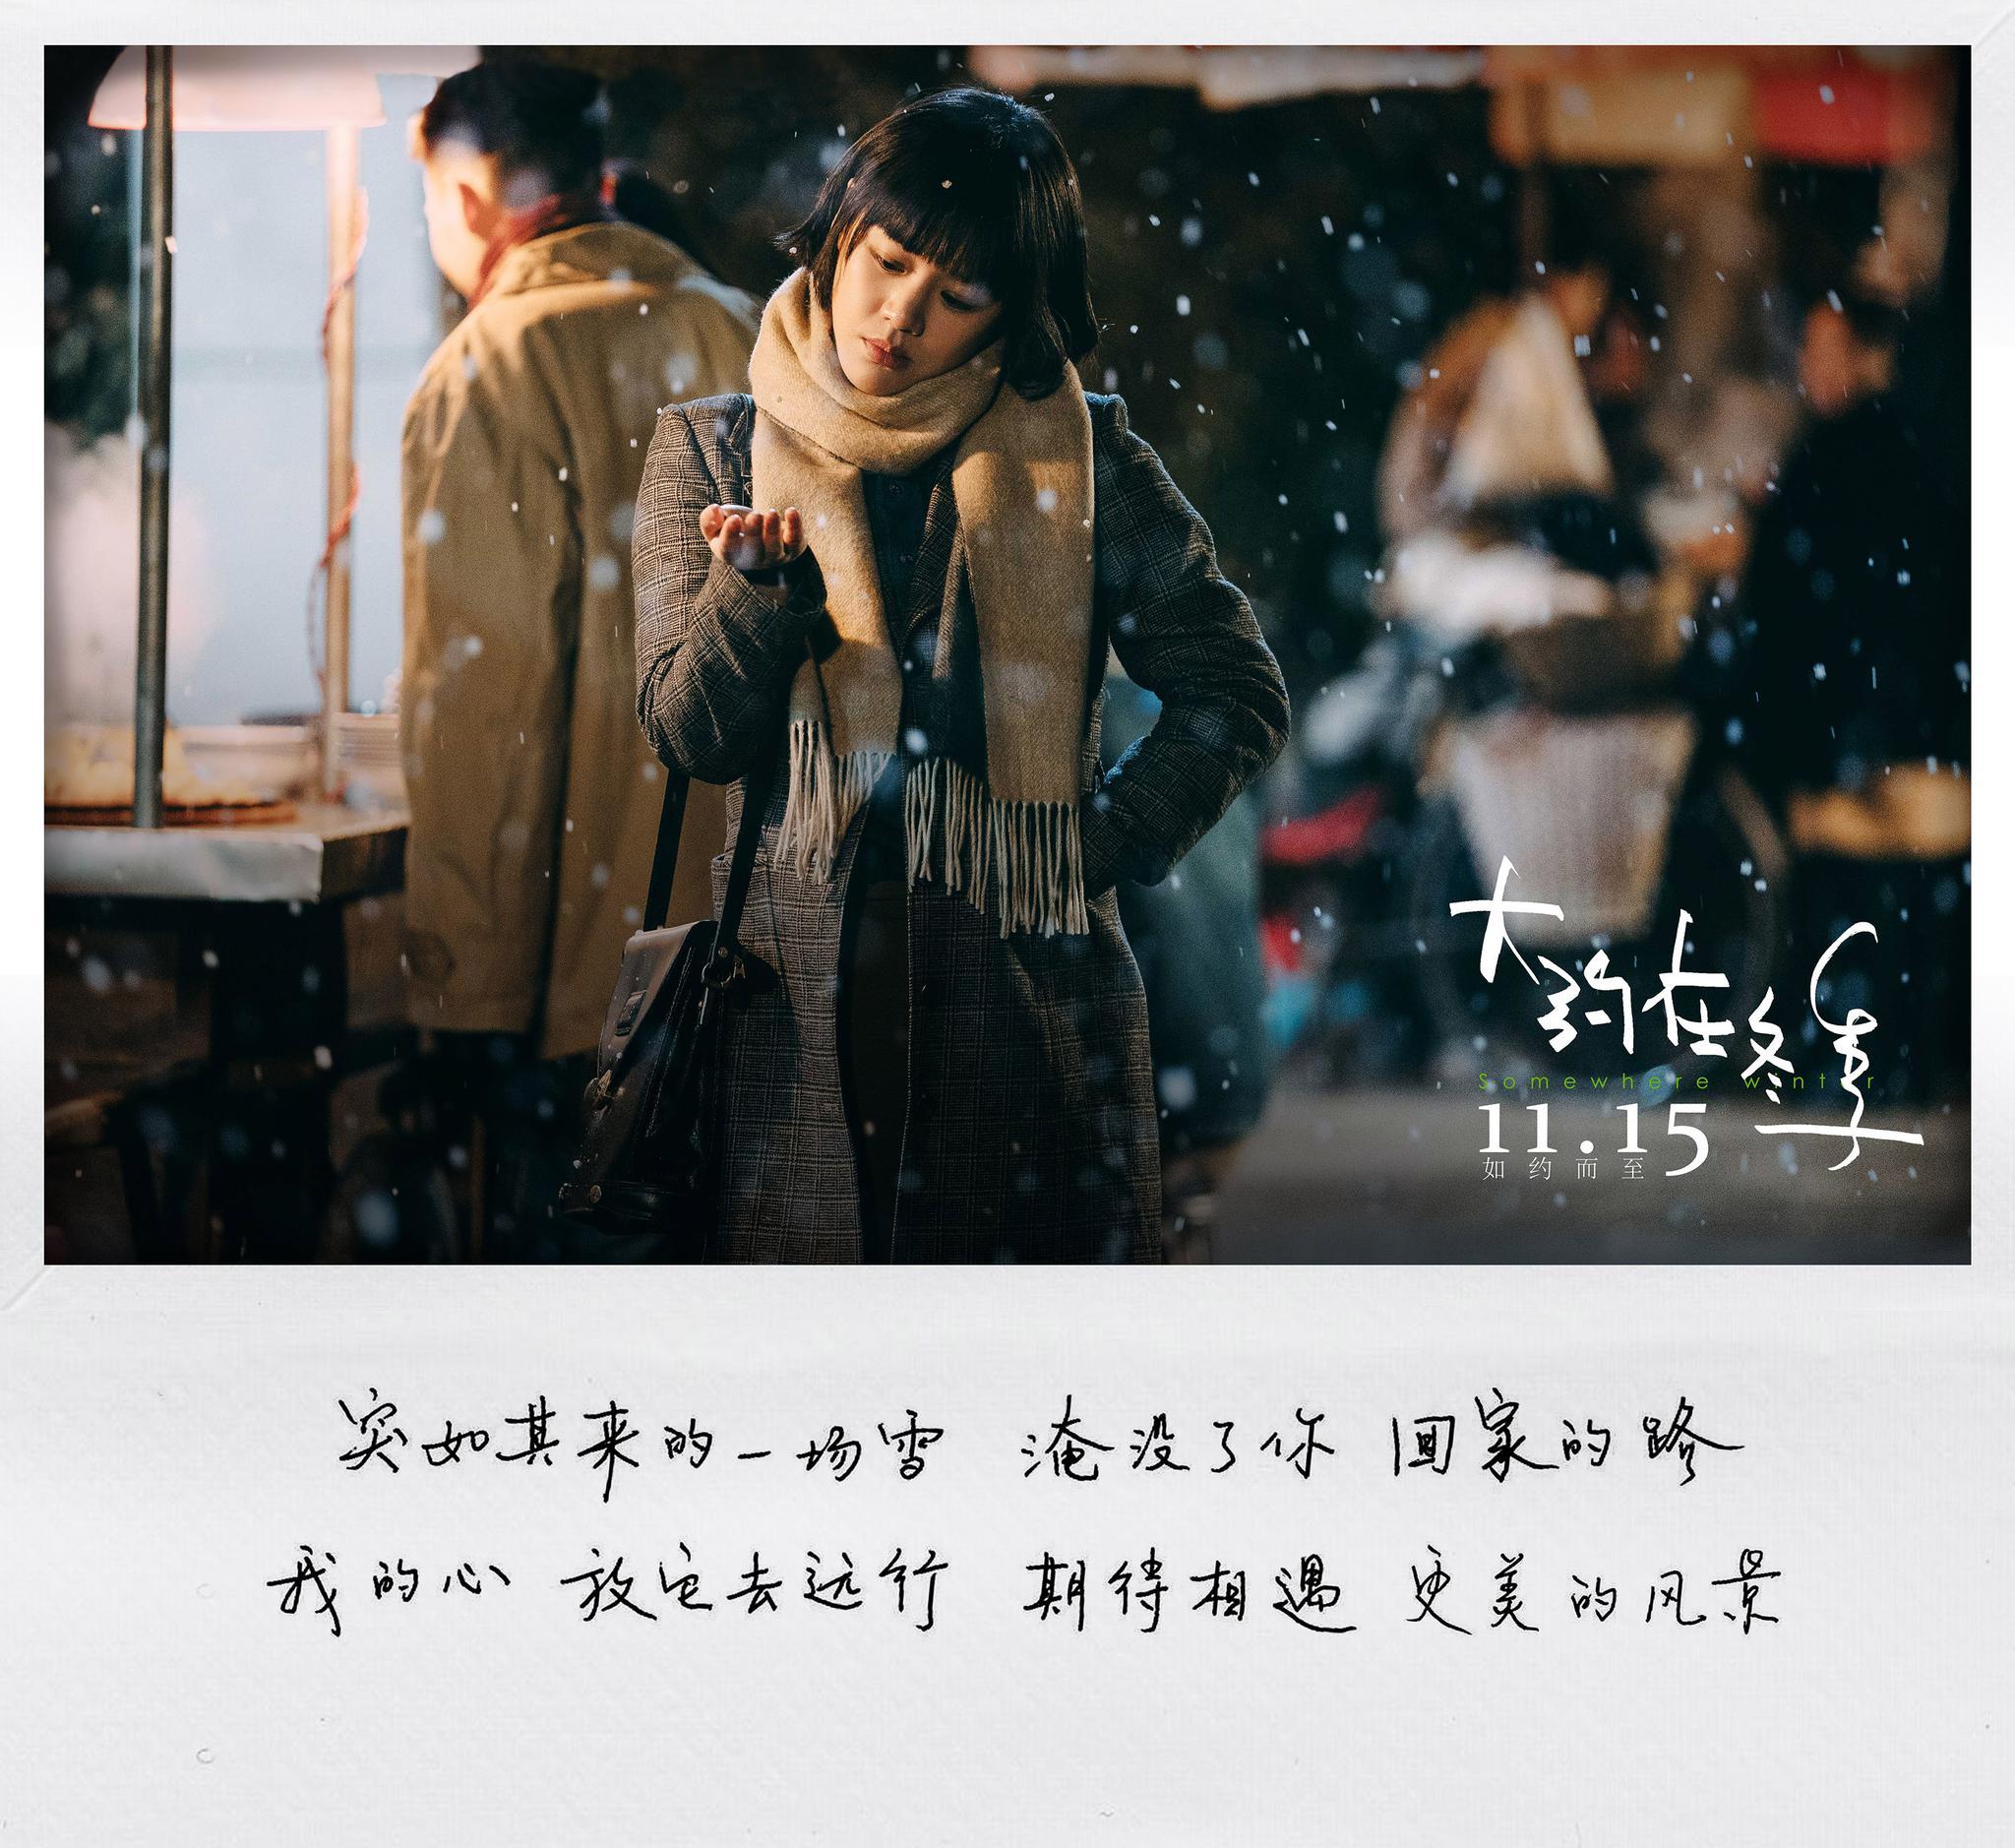 马思纯温暖献唱《大约在冬季》主题曲 亲手书写歌词传递无限勇敢